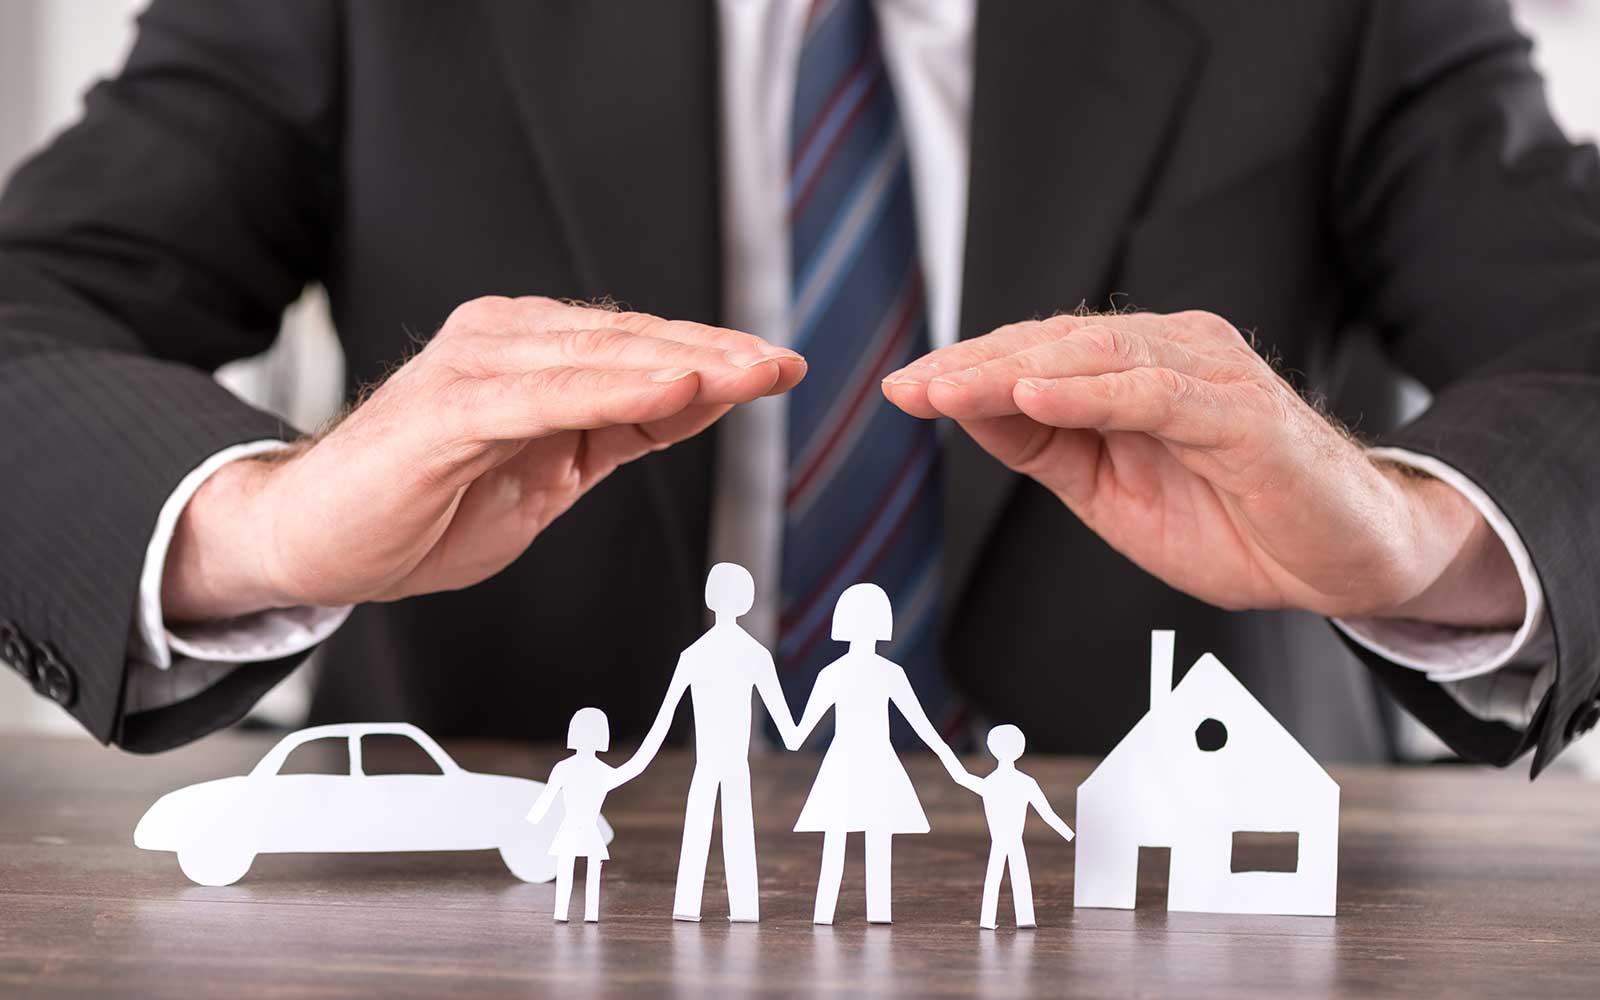 due mani che coprono dei rilievi di cartone di una famiglia, una macchina e una casa